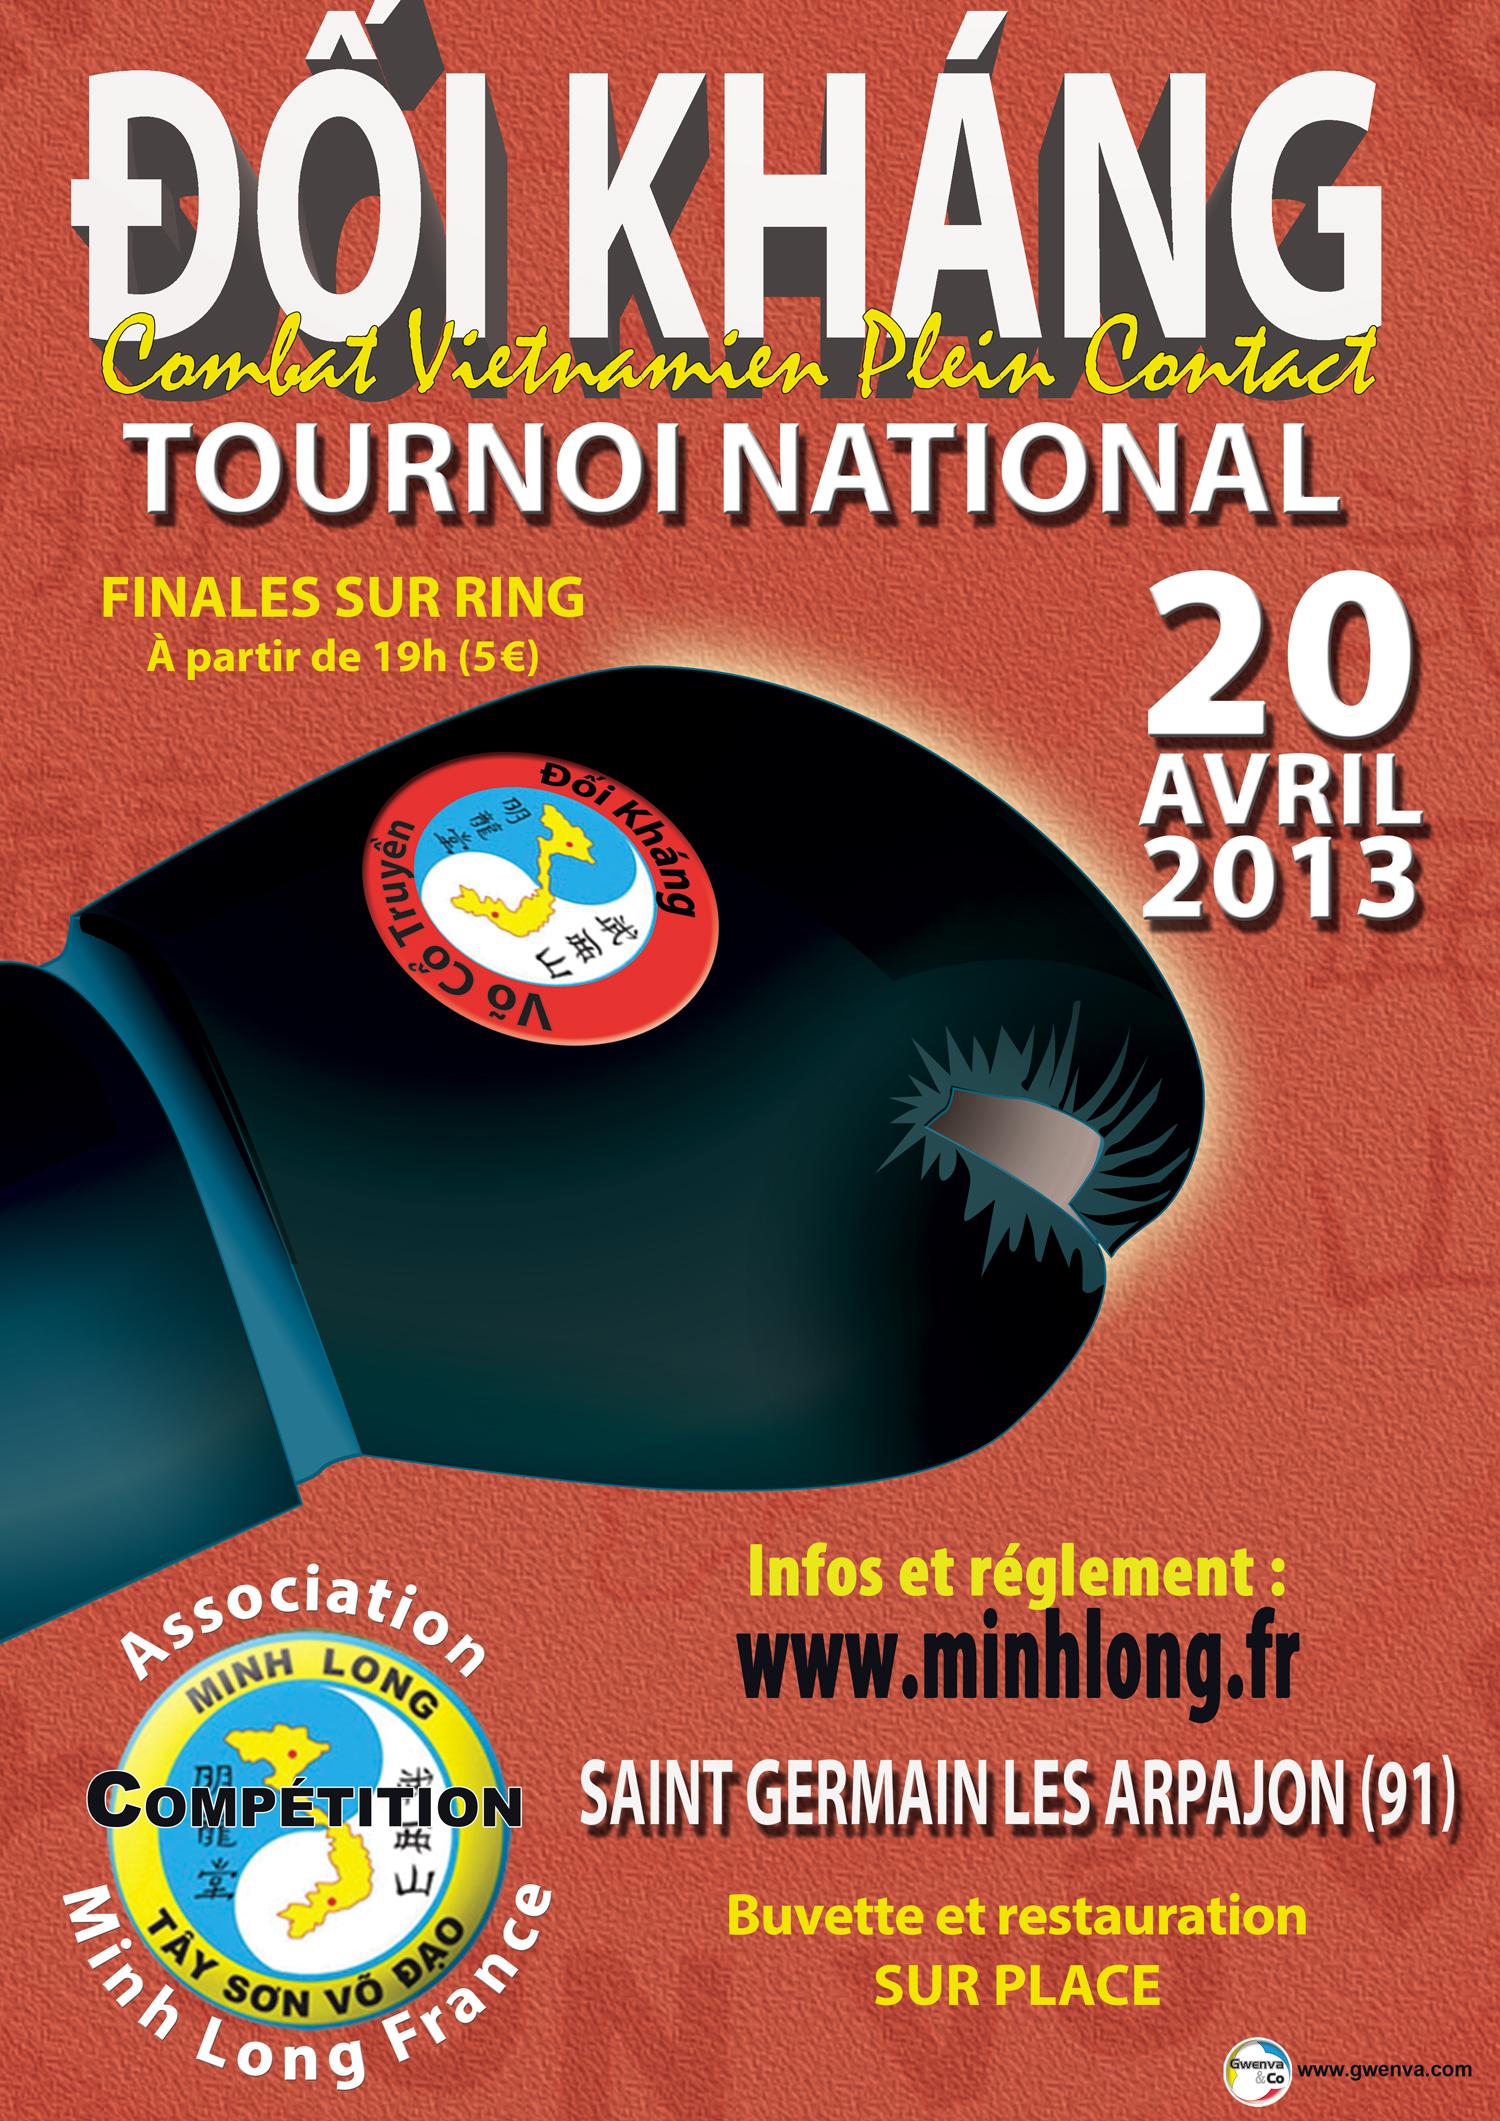 tournoi de doi khang 2013